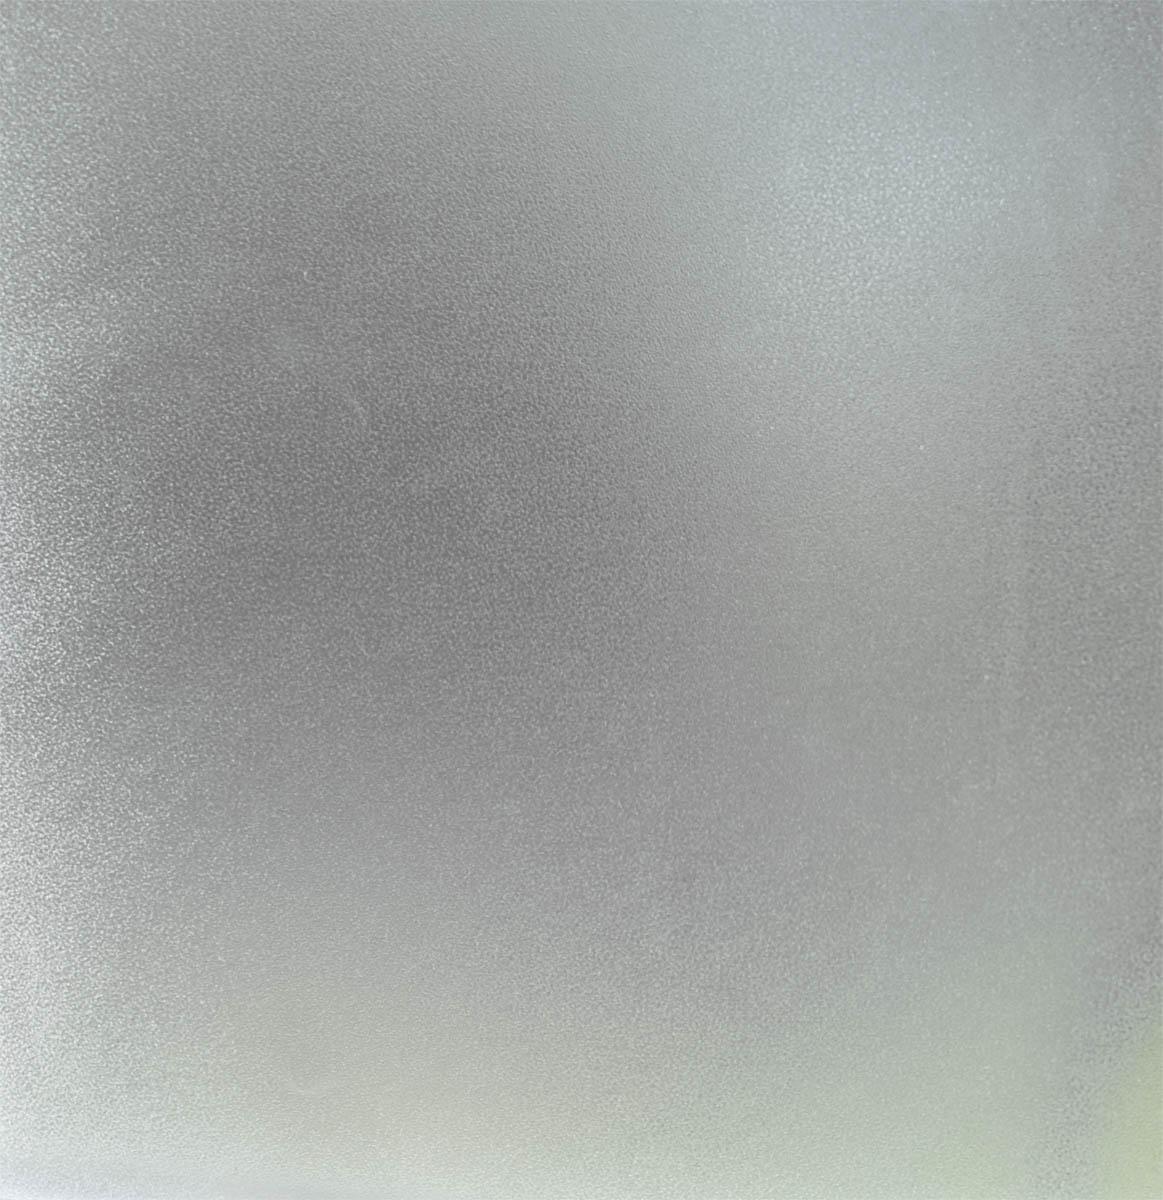 Närbild - Klicka för större bild